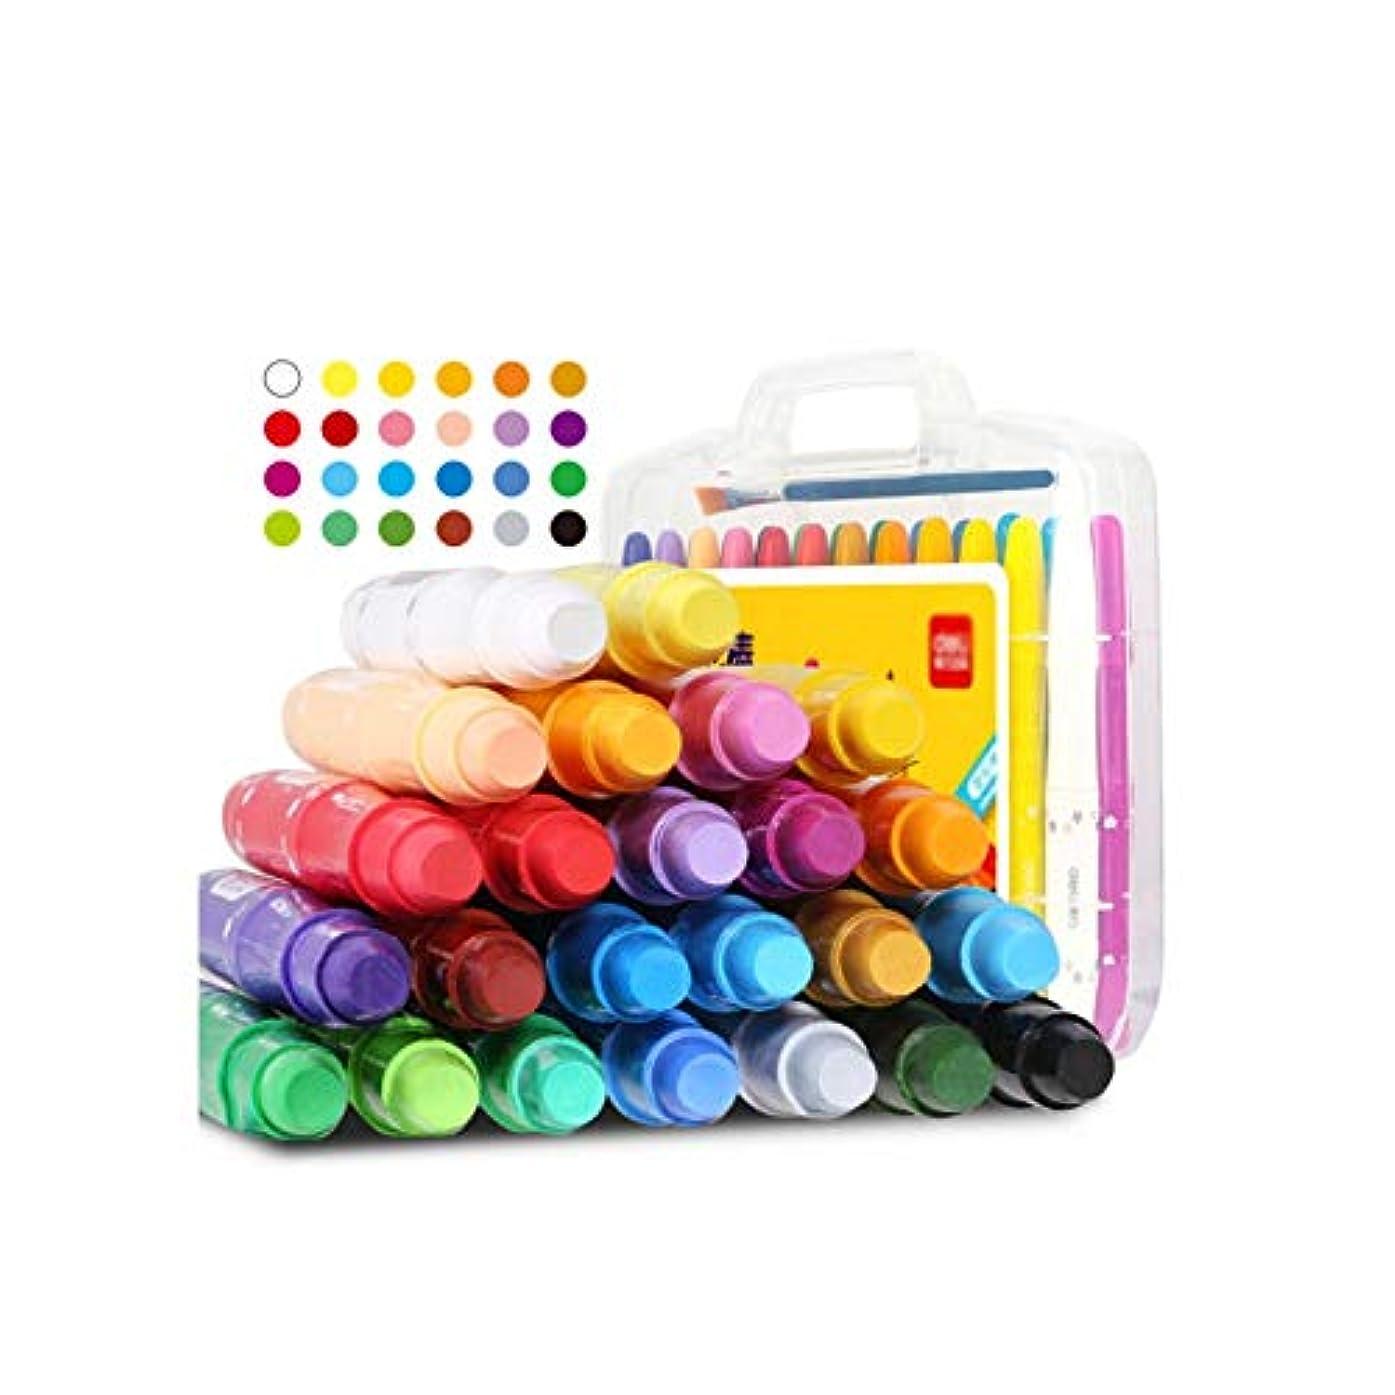 純正禁じる夕方Jinfengtongxun ペイントブラシ、24色の箱入り学生水溶性回転オイルパステル、簡単に洗える学生絵画練習描画ツール(24個、17 * 25 cm) 絵画の様々な (Color : 24 pieces, Size : 17*25cm)